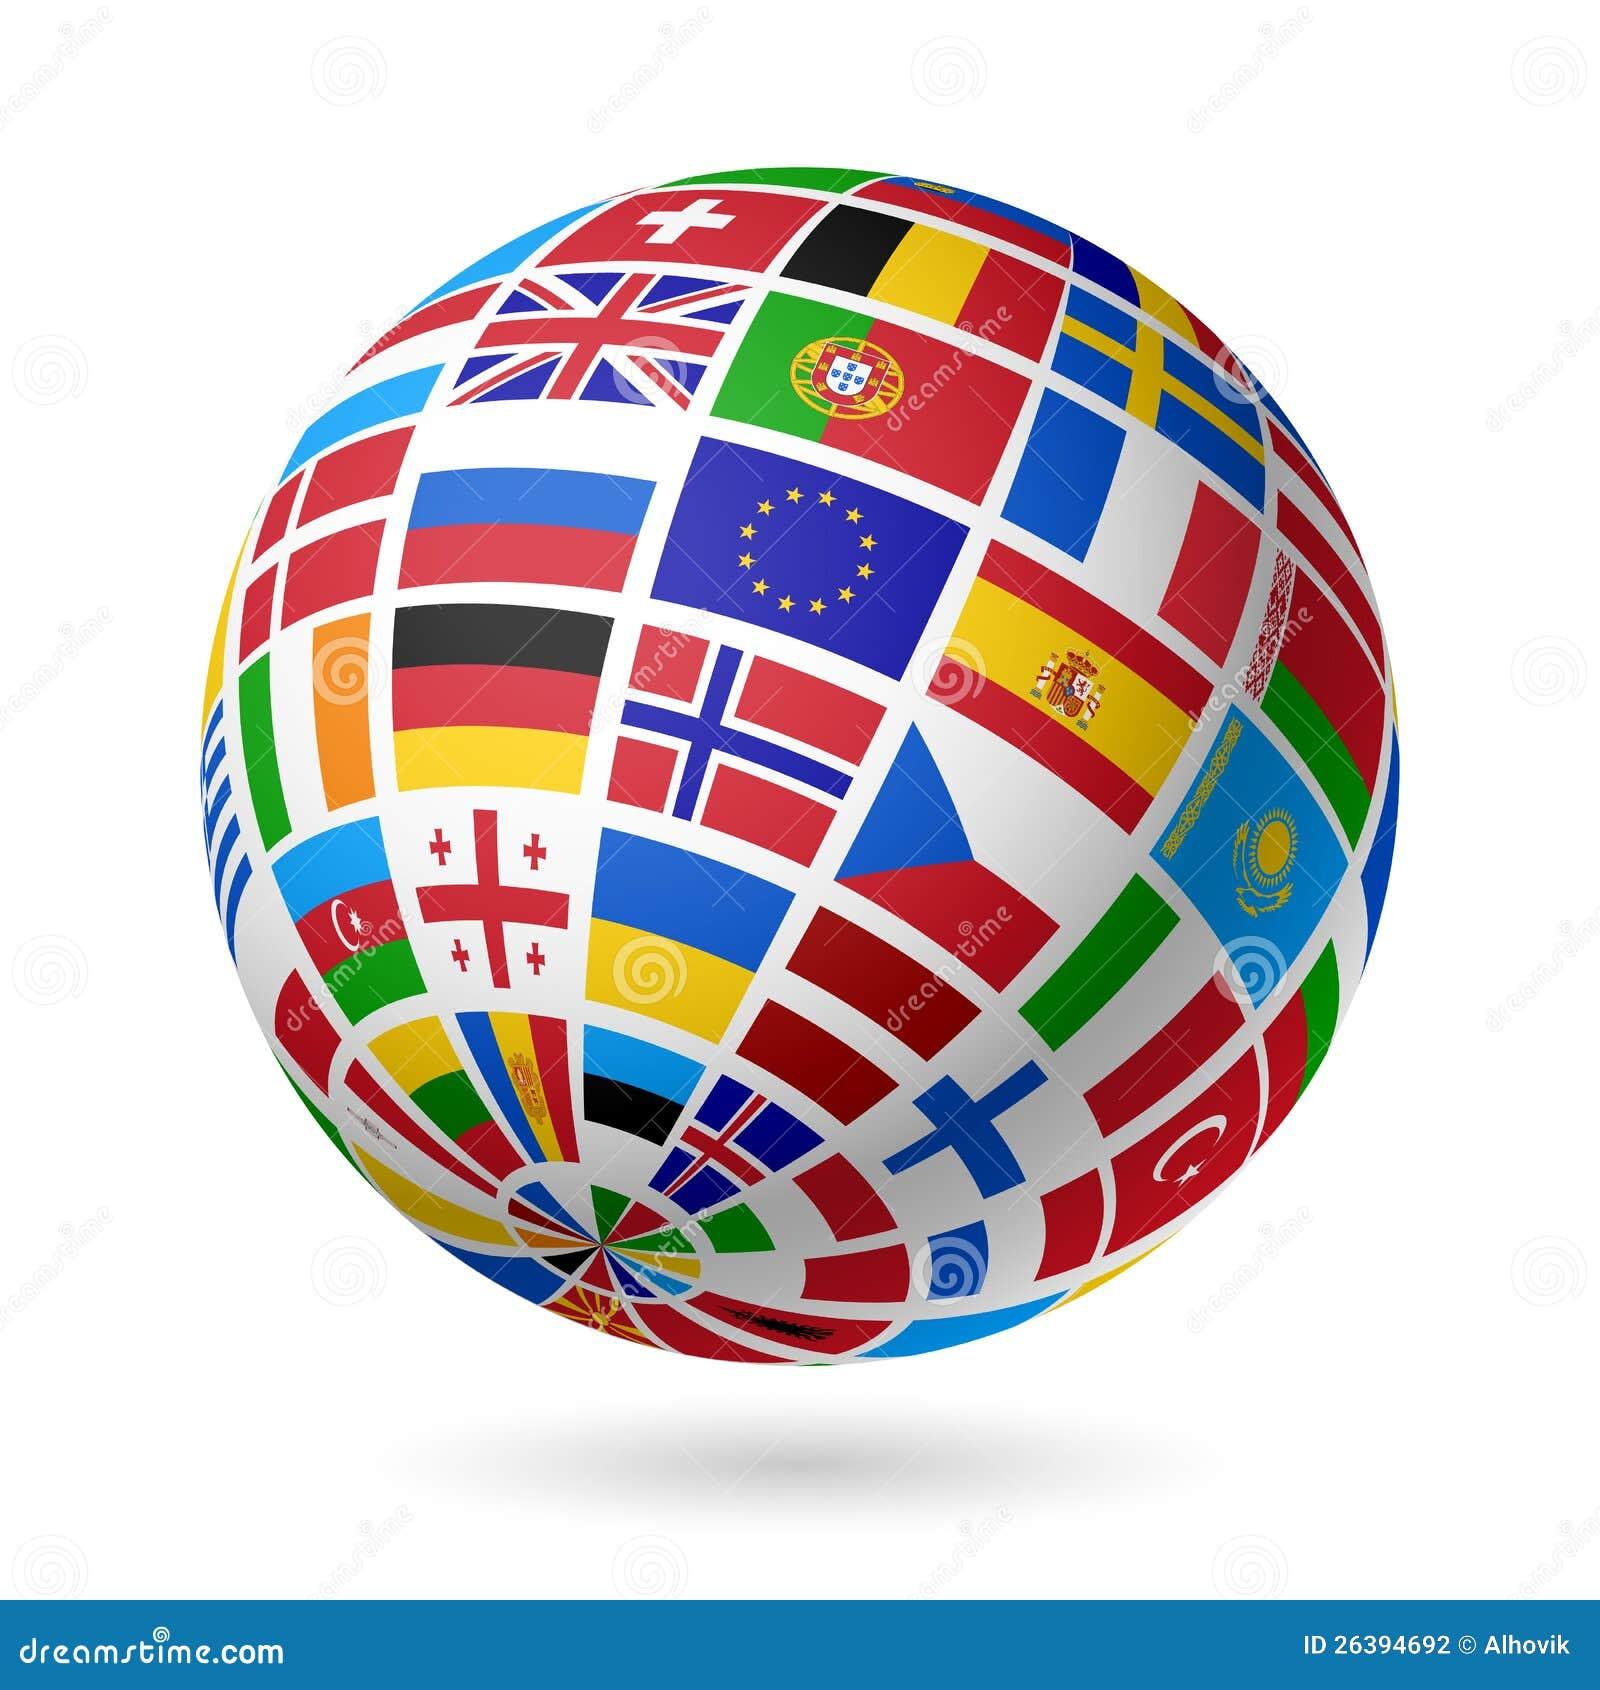 Señala el globo por medio de una bandera. Europa.